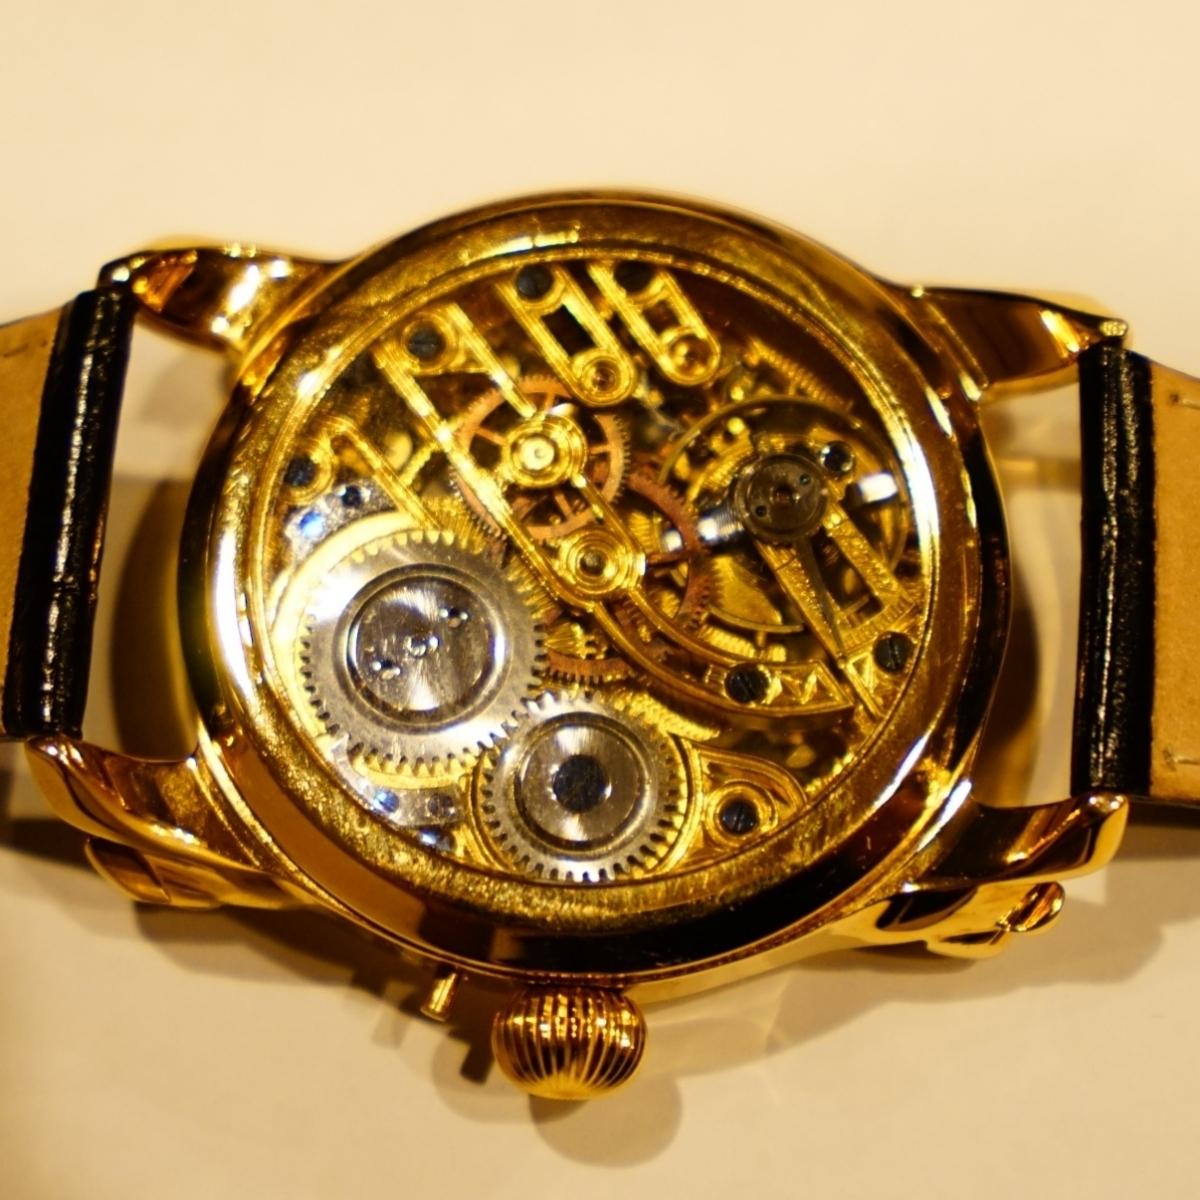 新品仕上げ ショパール Louis Ulysse Chopard アンティーク フルスケルトン アールデコ 手巻 腕時計 リケース シルバー 動作品 メンズ_画像3